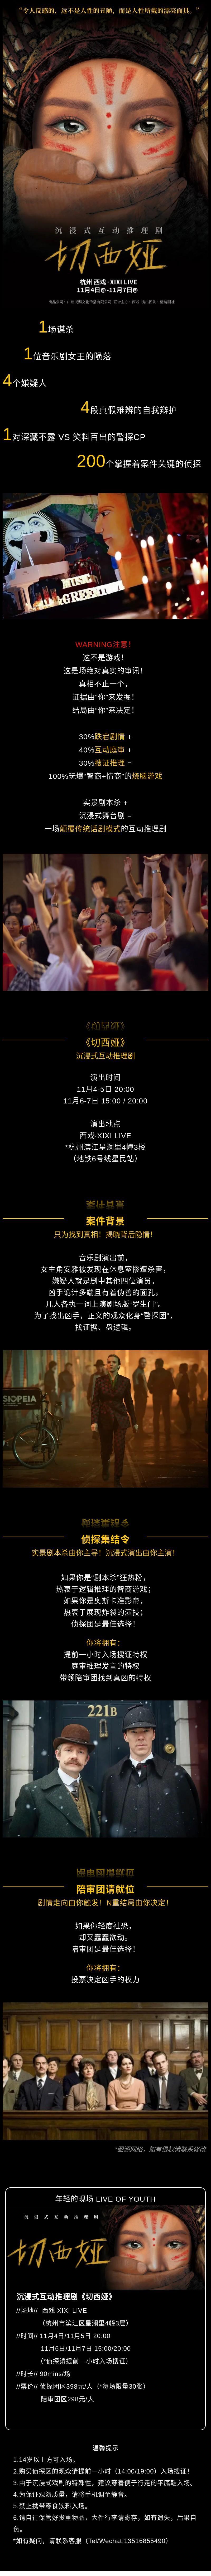 2021西戏·沉浸式互动推理剧《切西娅》-杭州站